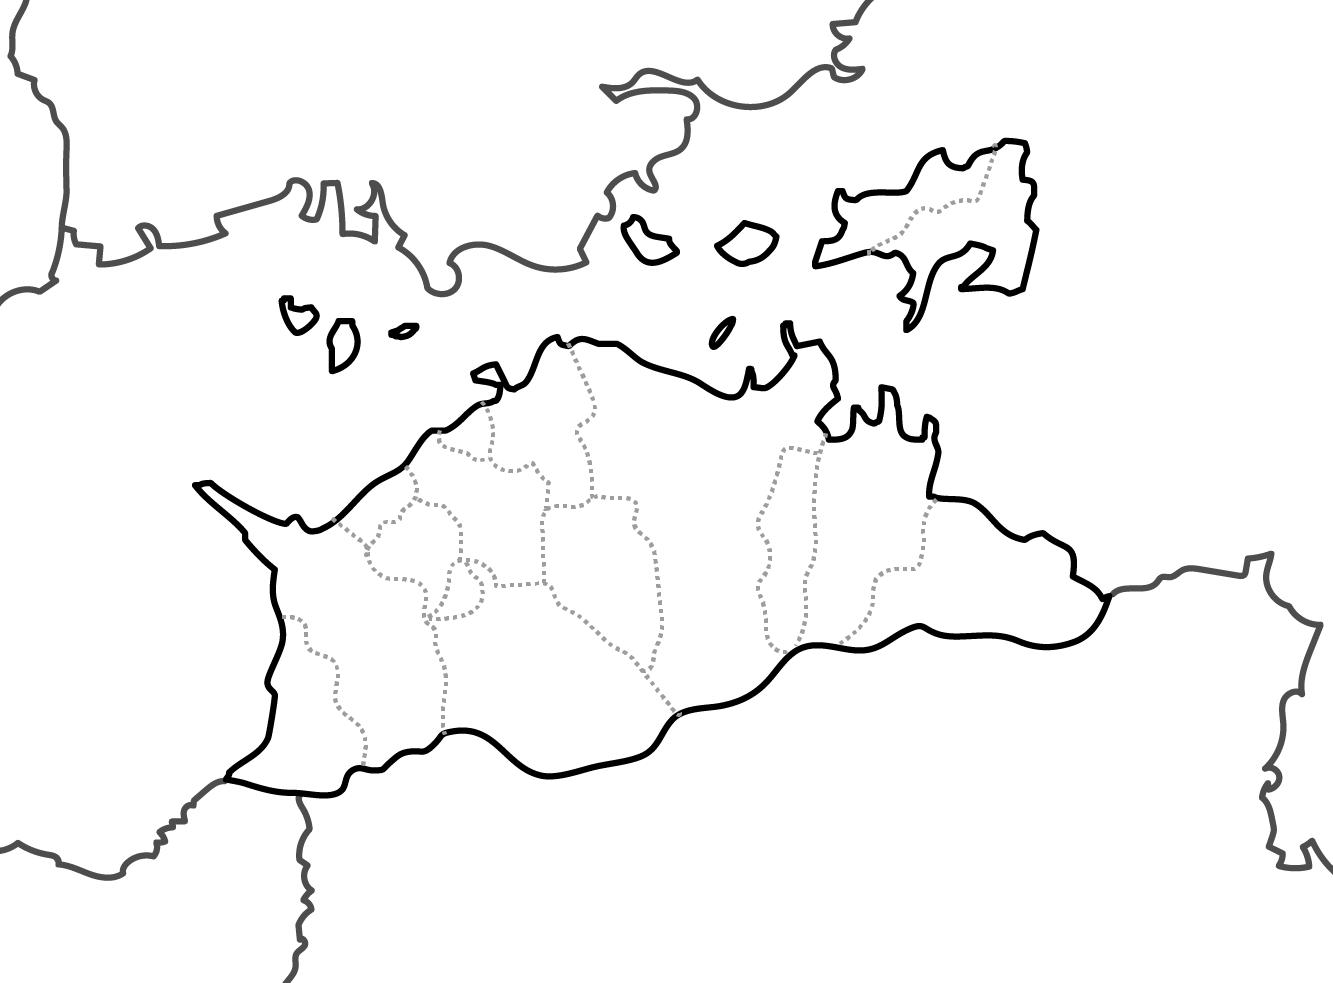 [白地図]香川県・ラインあり・市区町村名なし・隣県なし